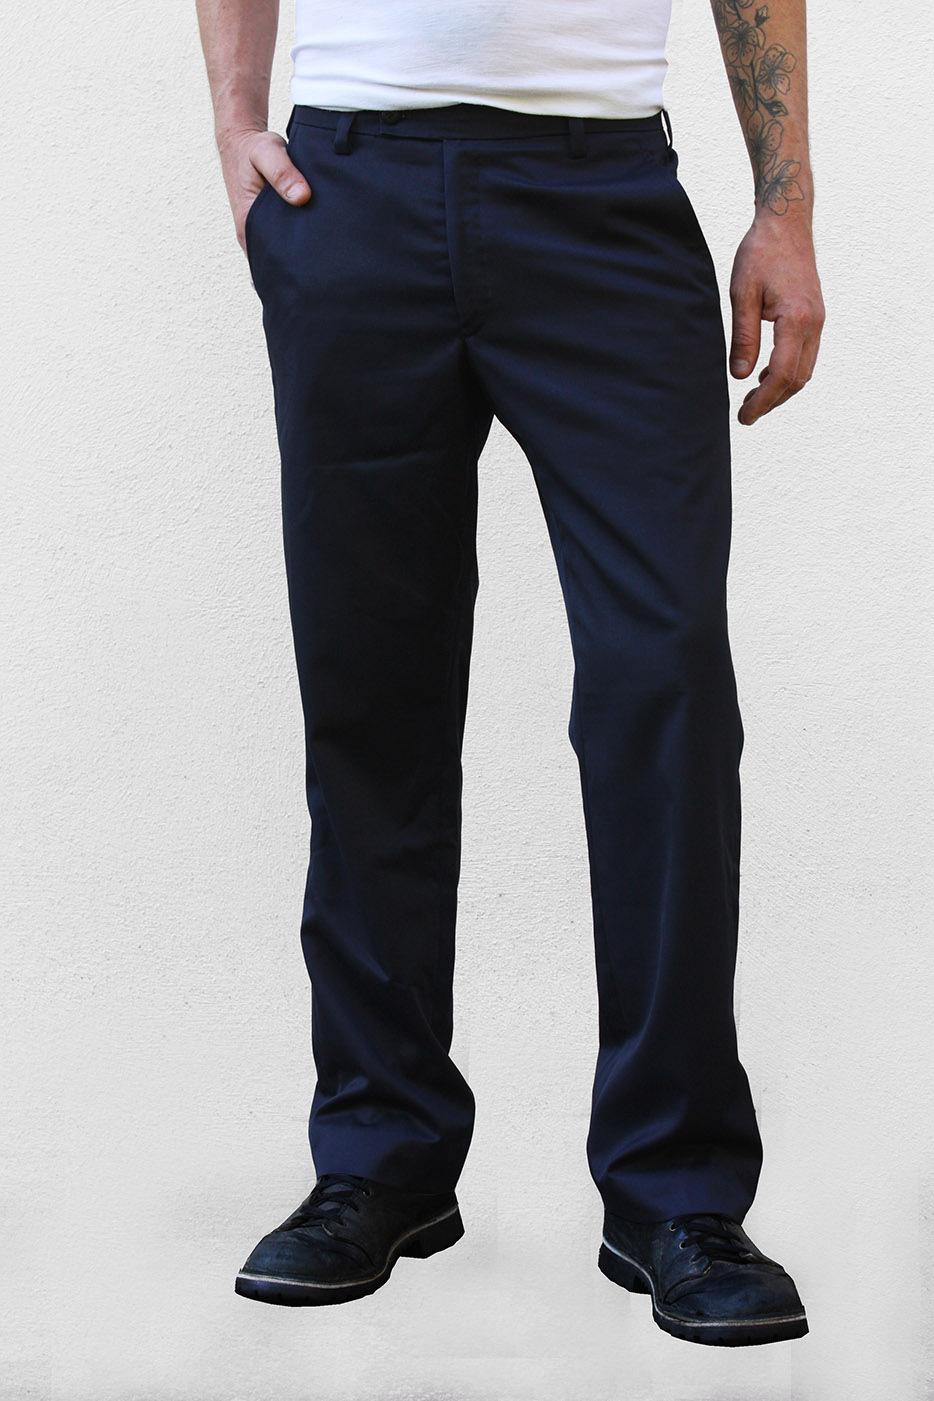 dernière collection service durable les mieux notés dernier Pantalon bleu marine casual - Tea Time